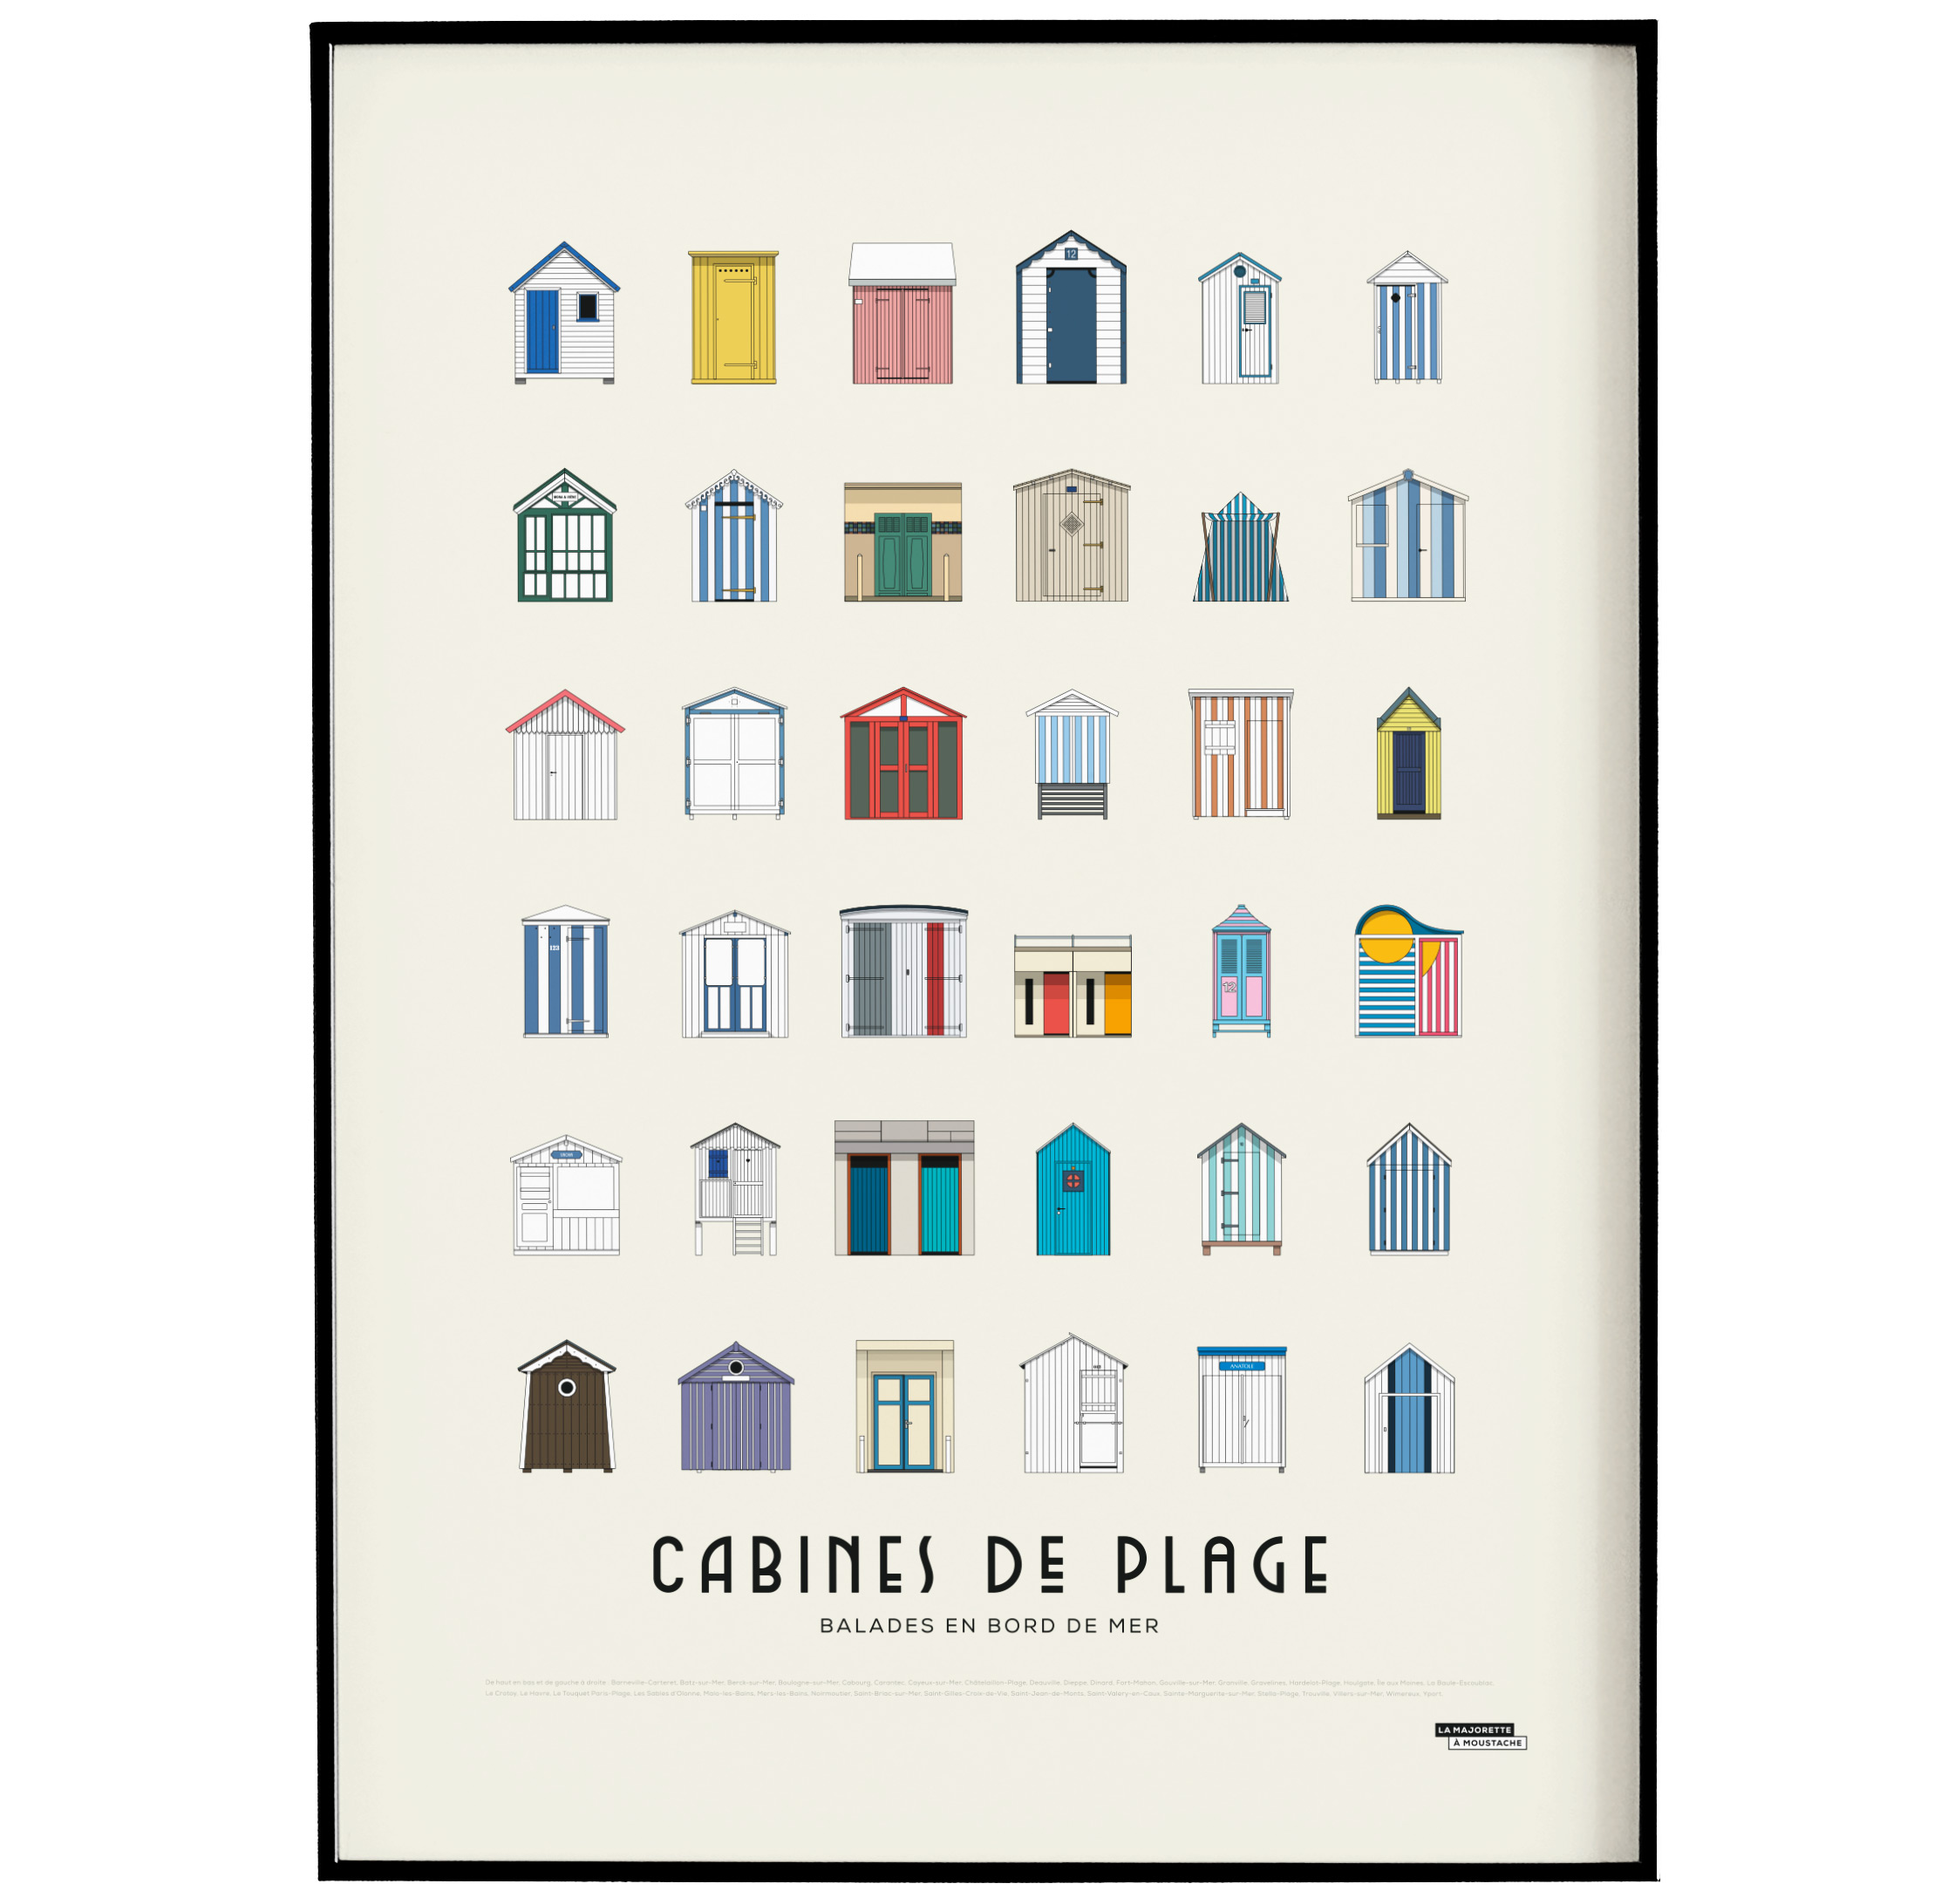 Affiche d'art cabines de plage 50 X 70 cm